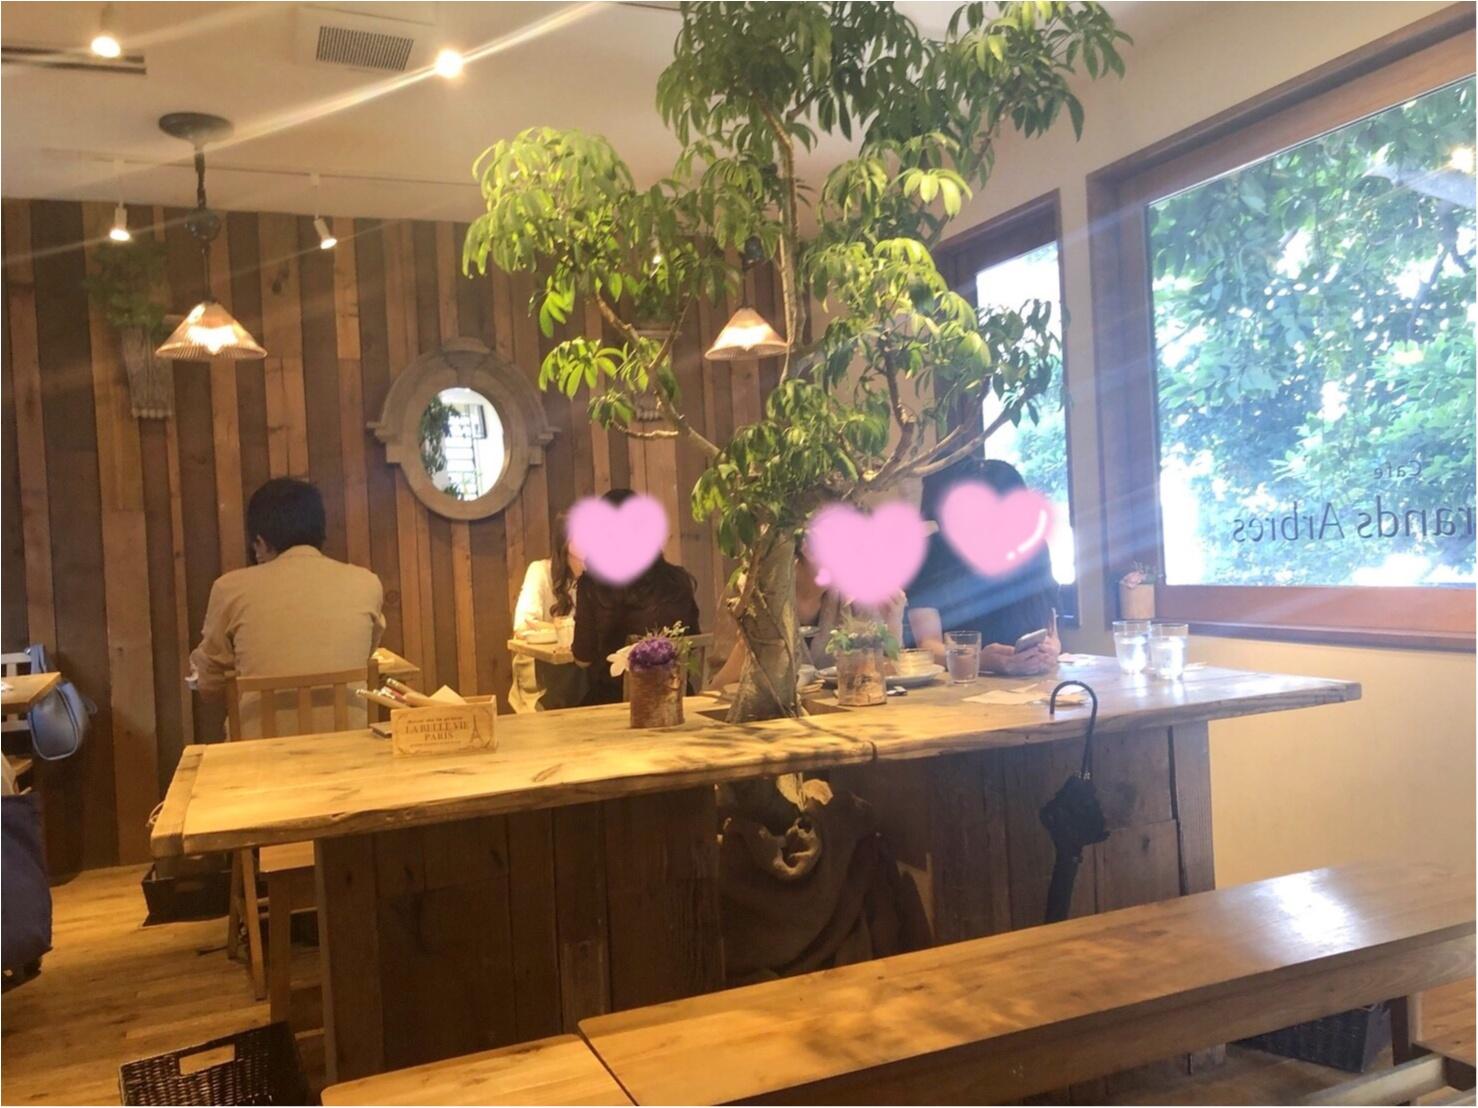 【東京】広尾にこんなお洒落なお店が?!緑溢れるツリーハウスカフェ♡_2